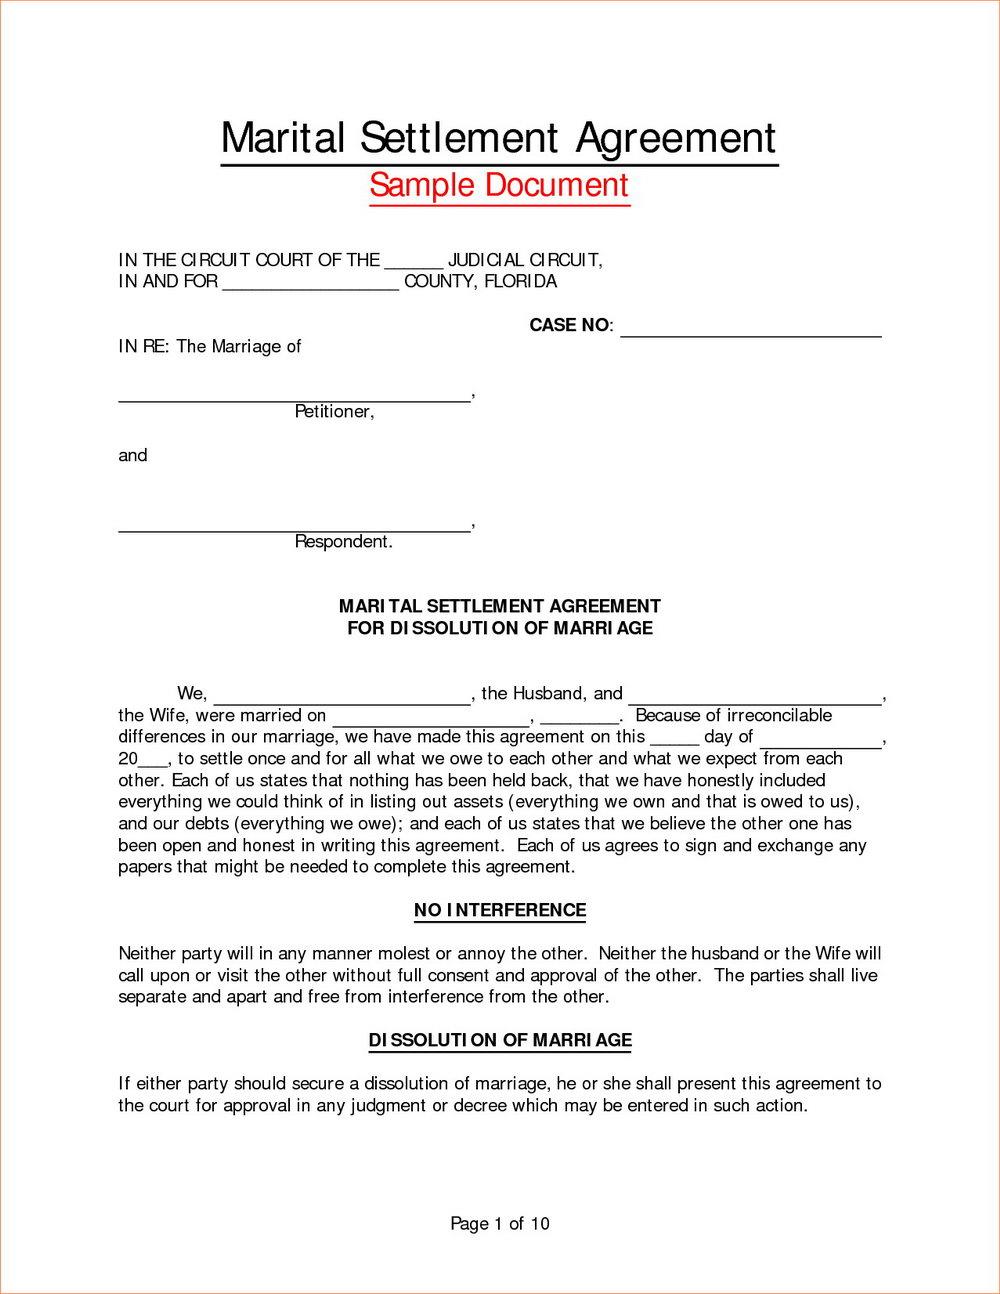 Divorce Financial Settlement Agreement Template